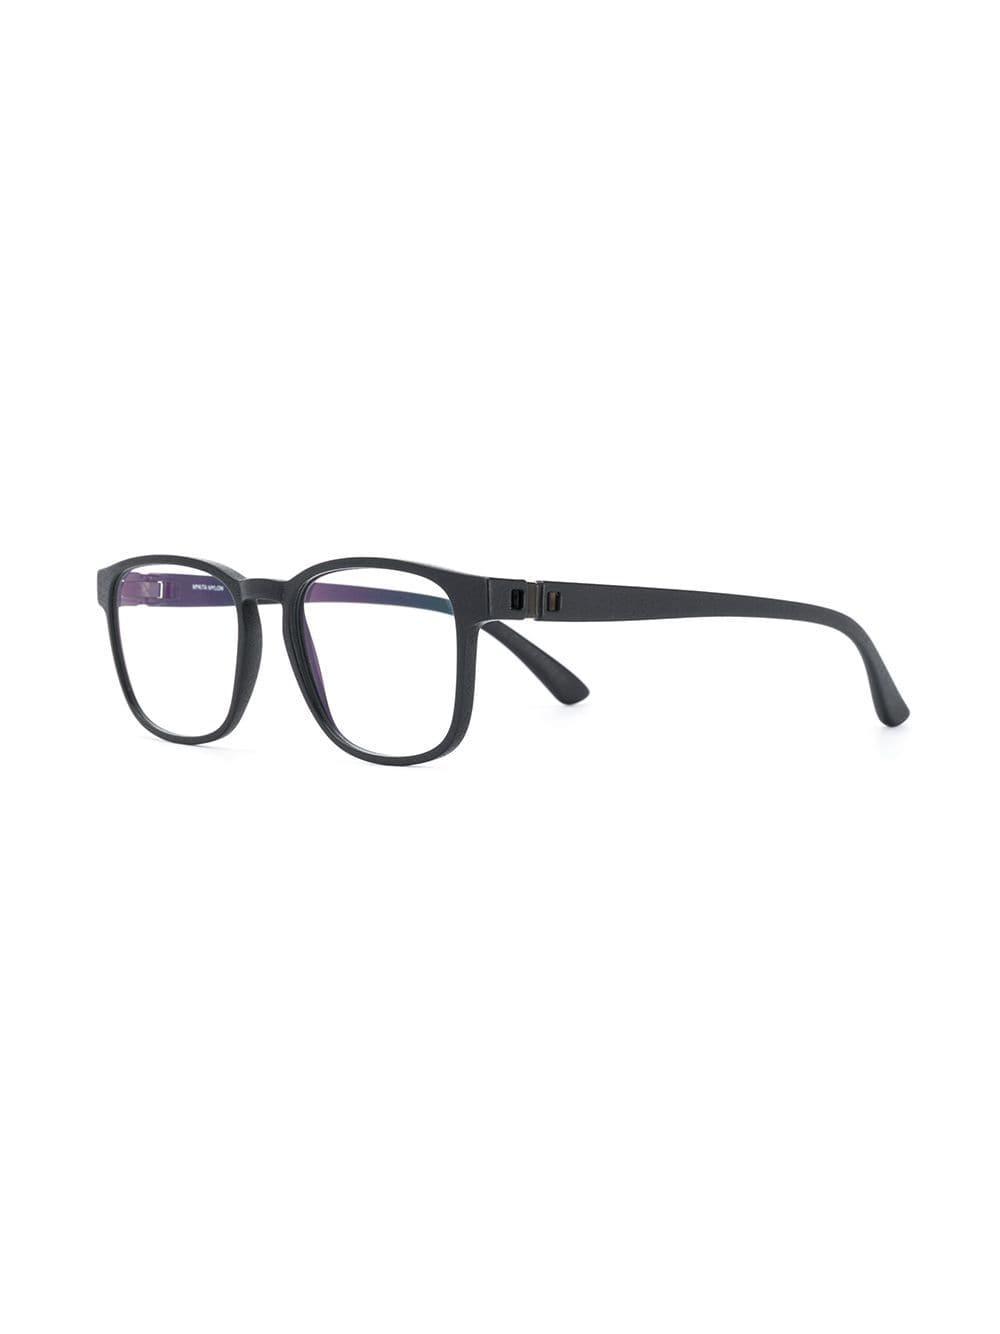 fb74cb7a714a Mykita Osiris Glasses in Black - Lyst